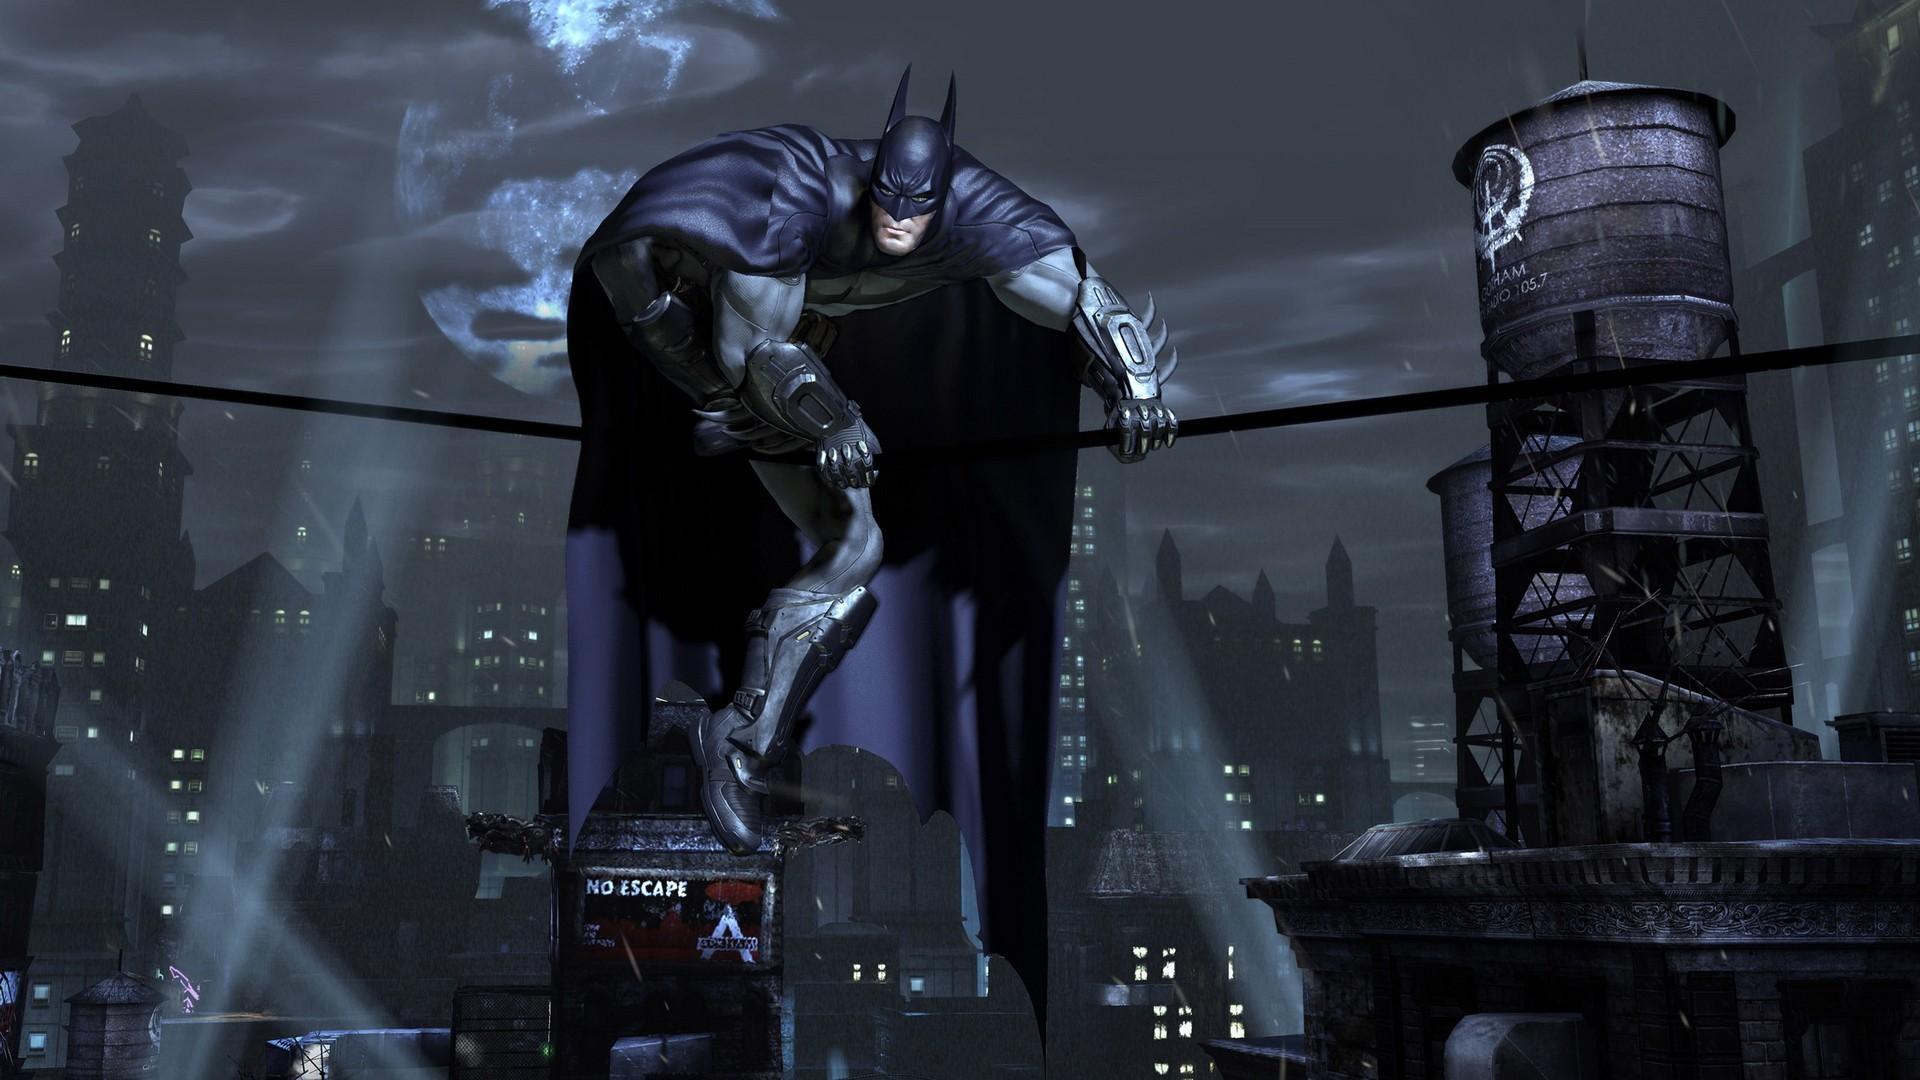 … batman comics gotham city marvel comics wallpapers …